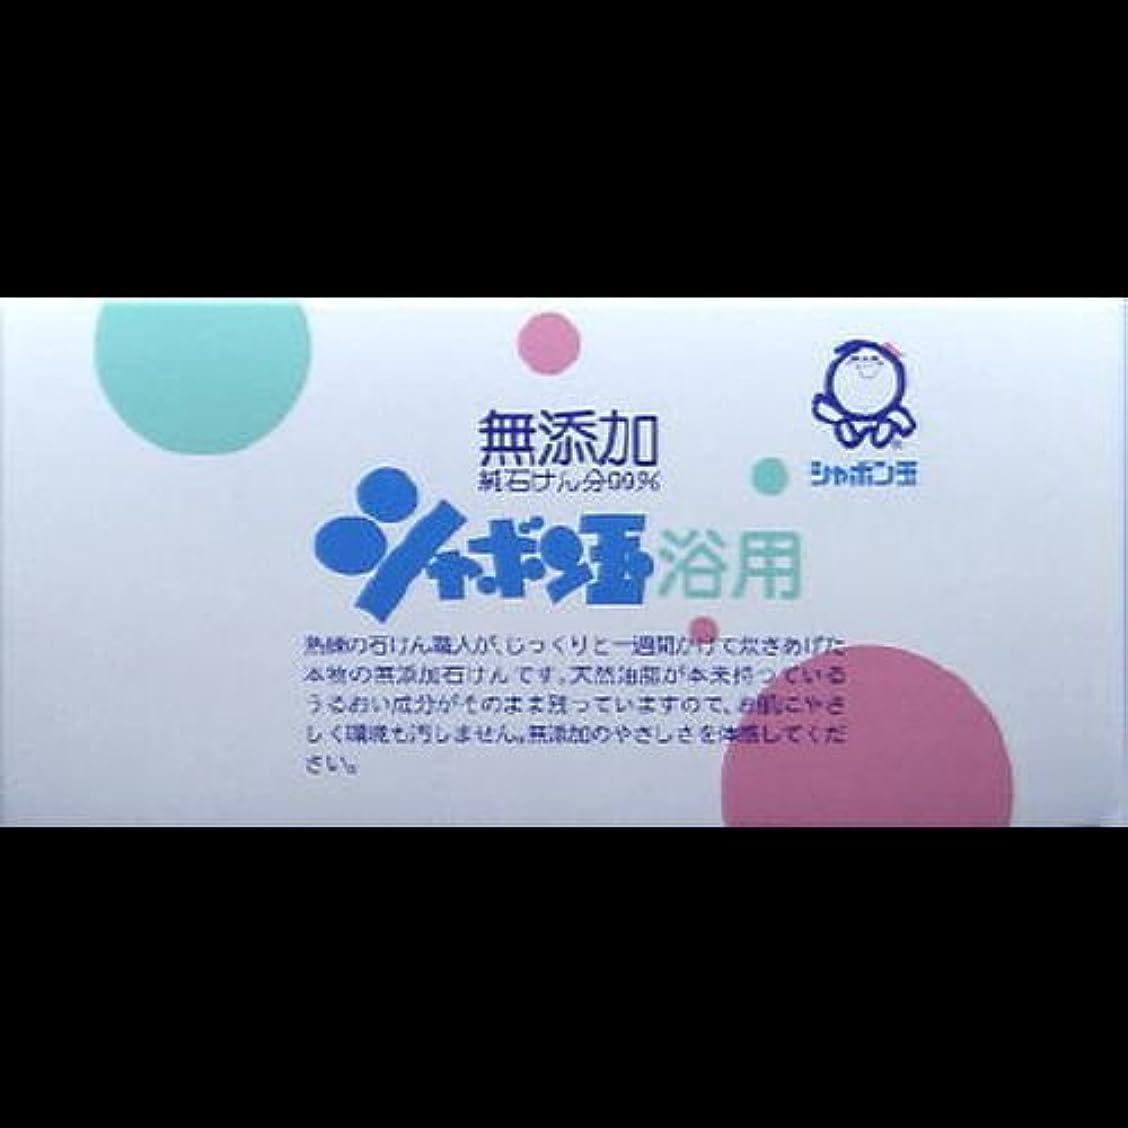 外科医彫る収まる【まとめ買い】シャボン玉 浴用 100g*3個 ×2セット